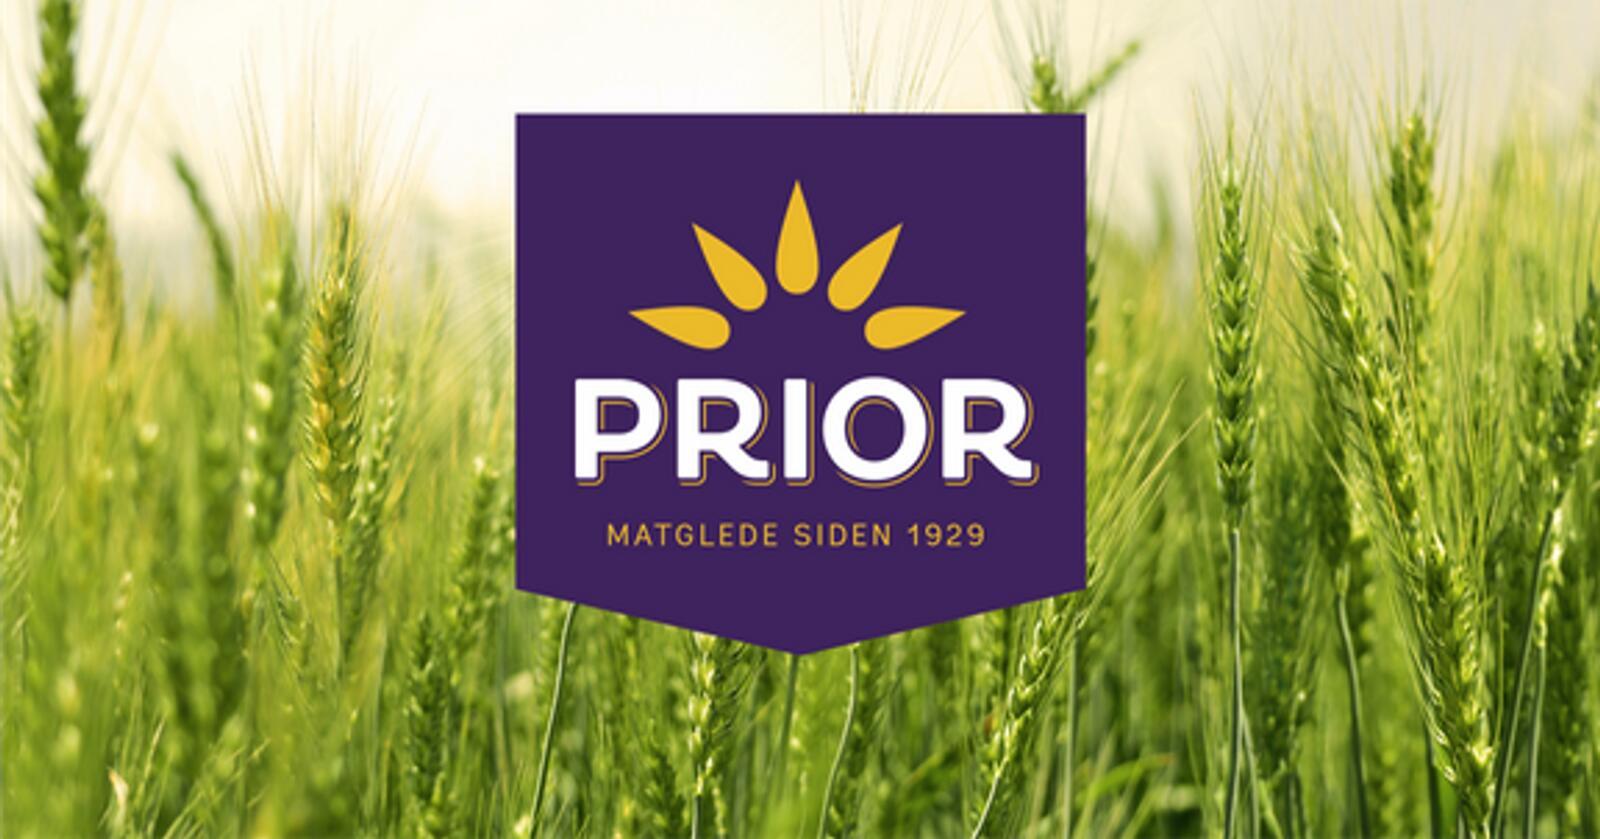 Slik ser den nye logoen til Prior ut. Foto: Nortura